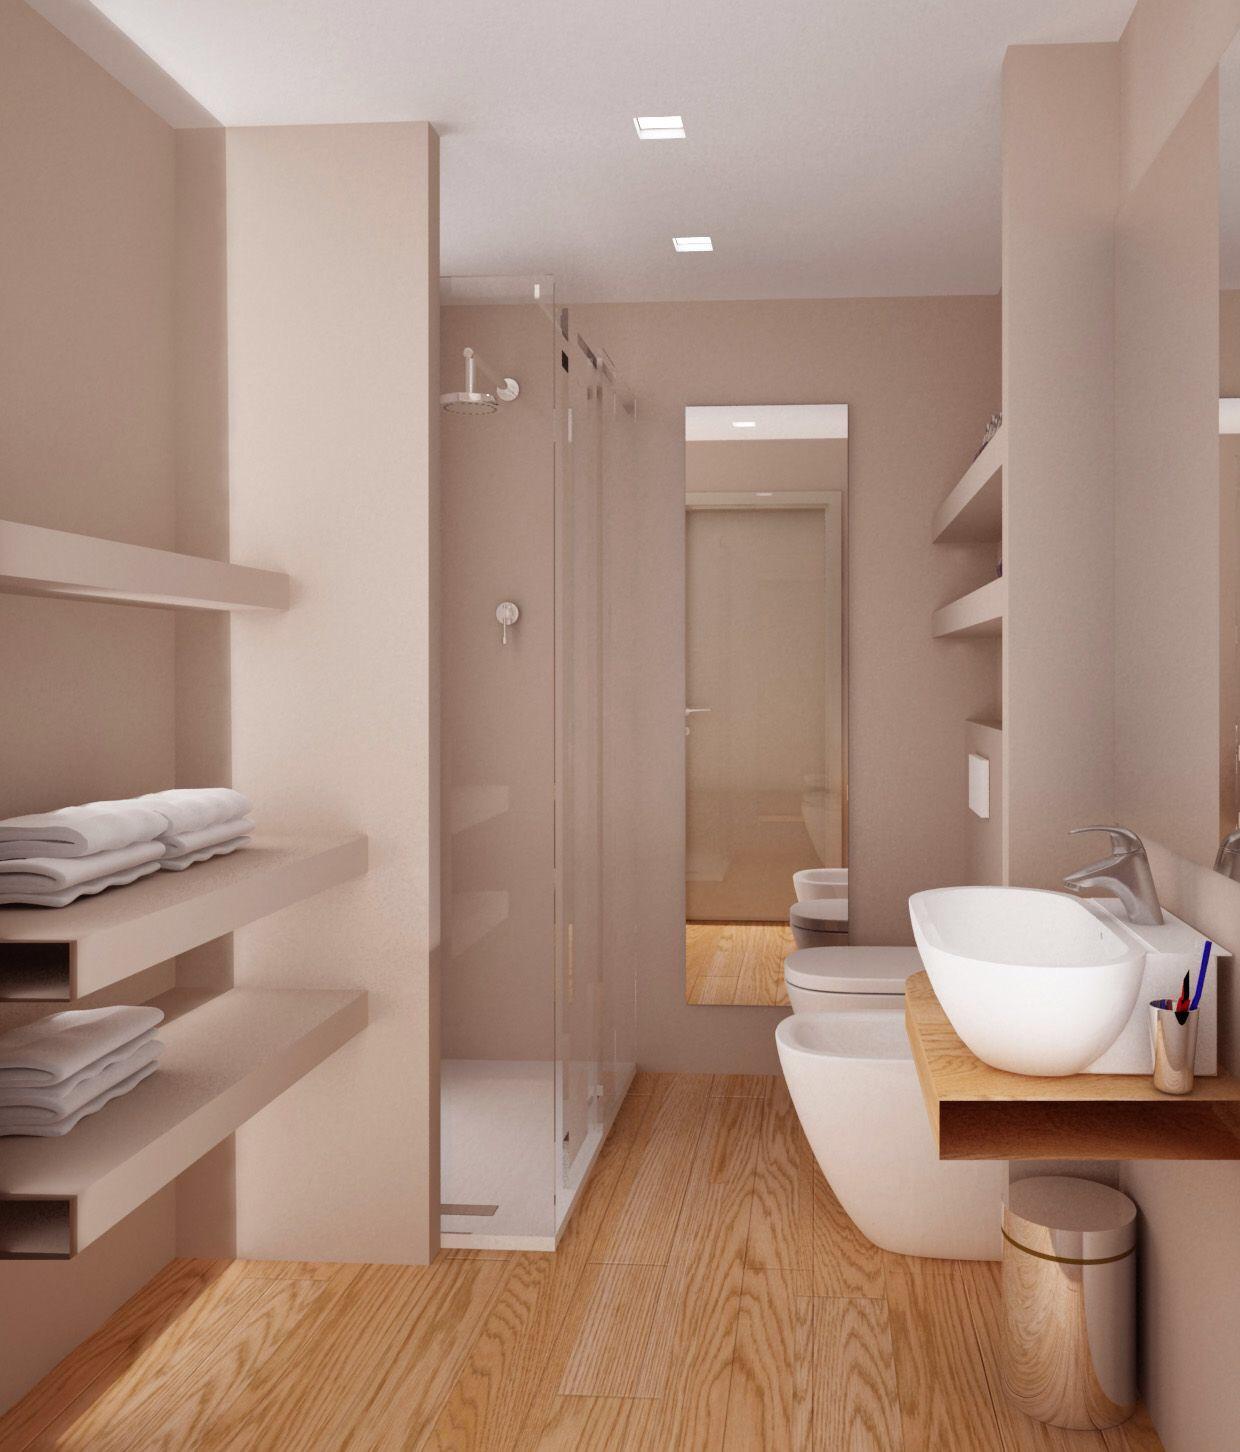 Dimensione bagno pessano tags dimensione bagno pessano - Dimensione bagno pessano ...